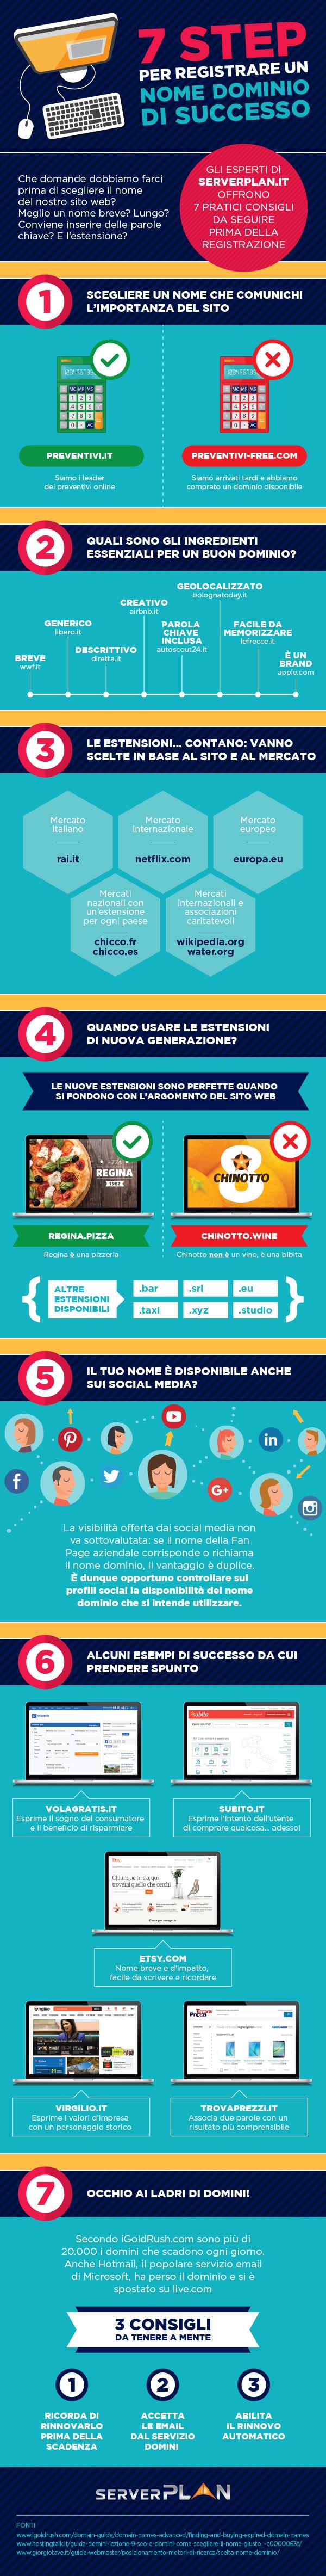 infografica_7step-per-registrare-un-nome-dominio-di-successo_creato-da-Serverplanjpg